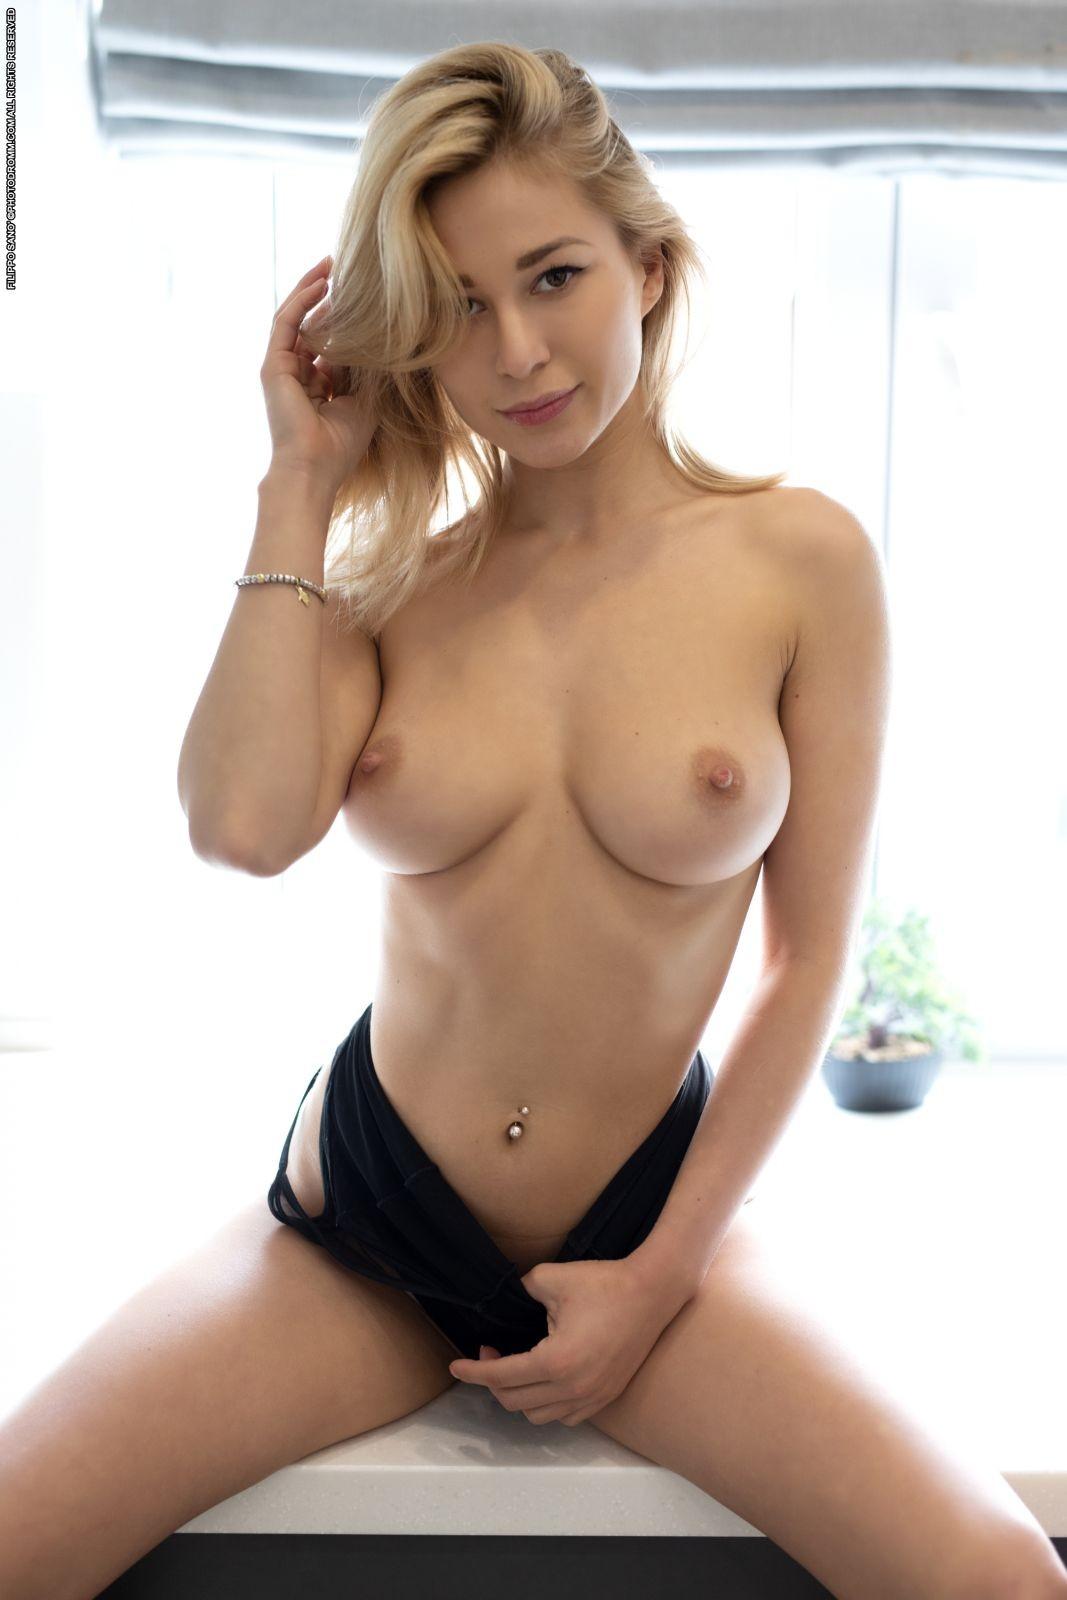 Блондинка в босоножках и крупные упругие сиськи - фото